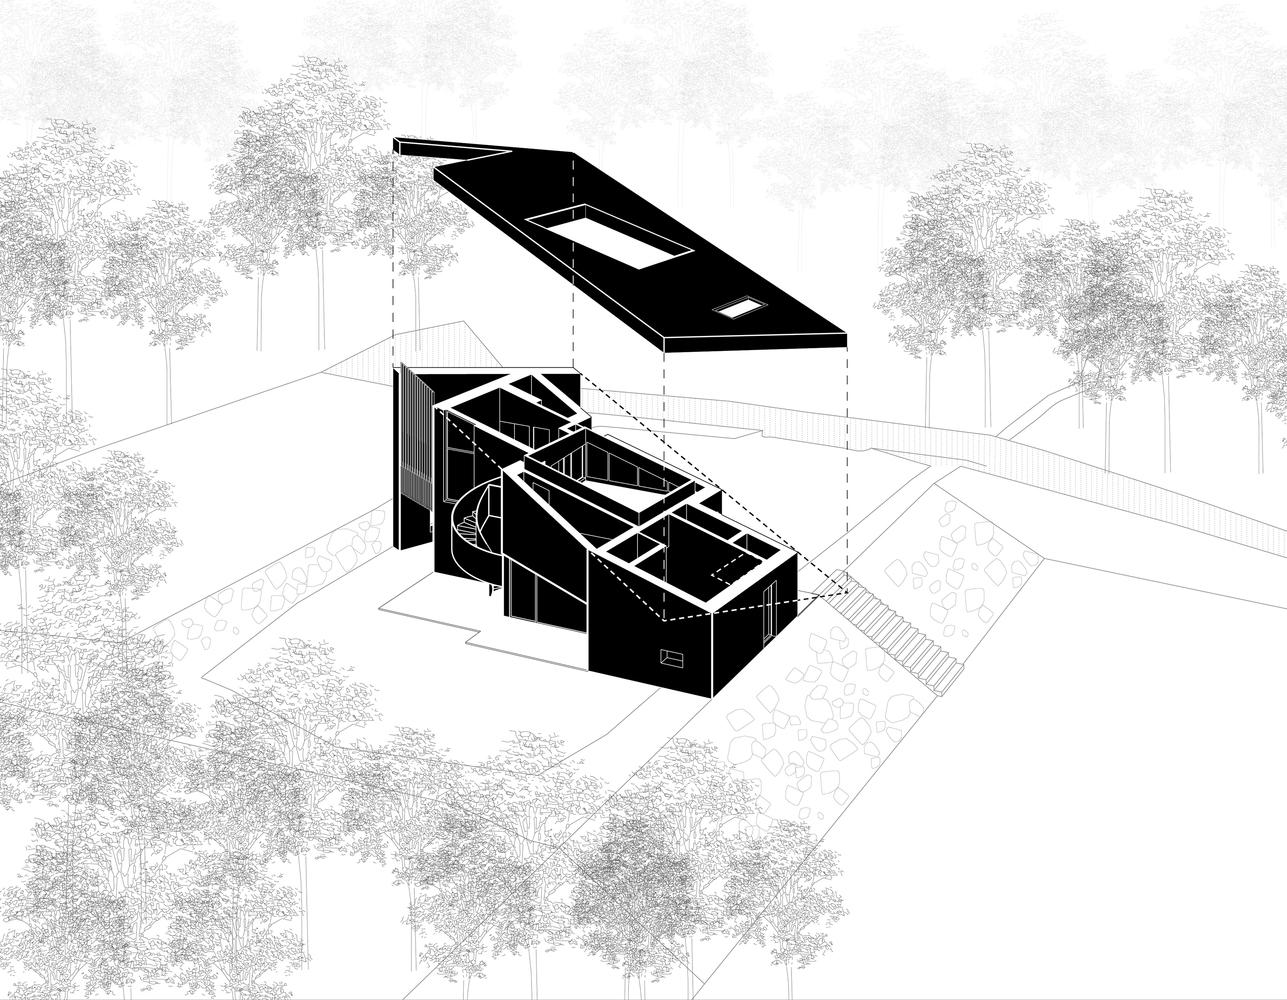 hình ảnh phối cảnh kiến trúc nhà mái dốc